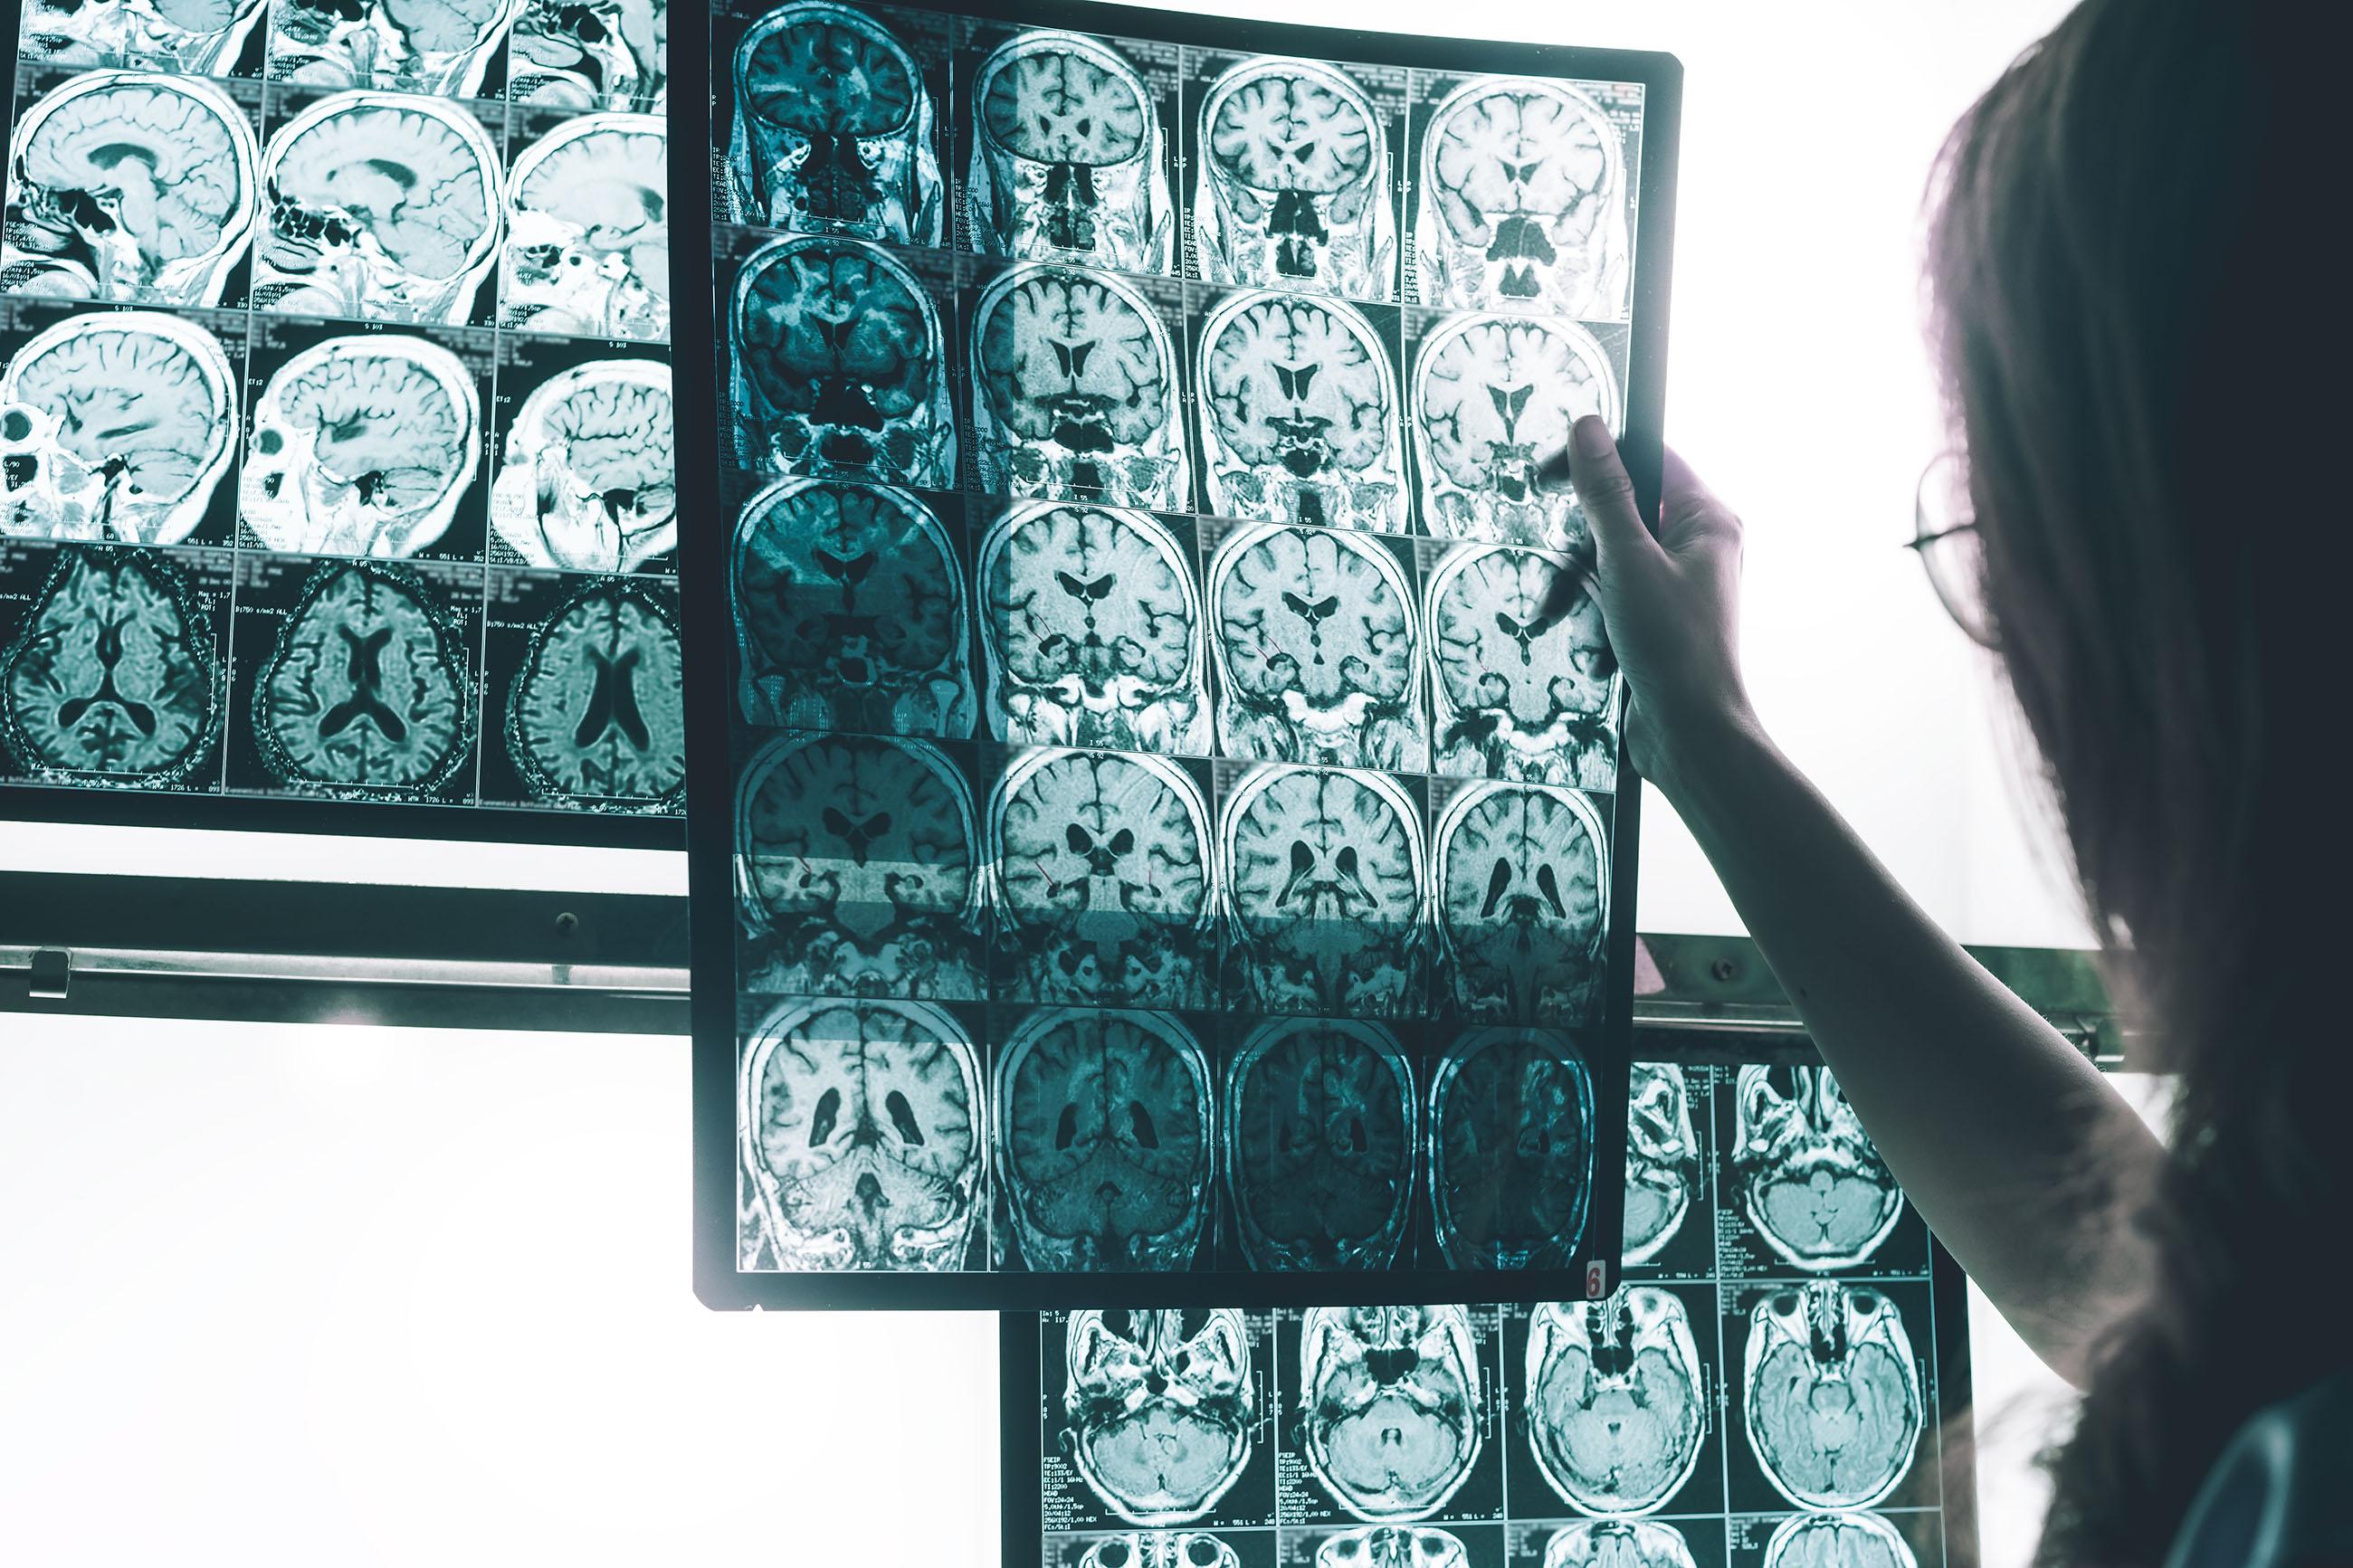 A la derecha de la imagen vemos a una doctora. Sujeta una ecografía que muestra el corte transversal de un cerebro.